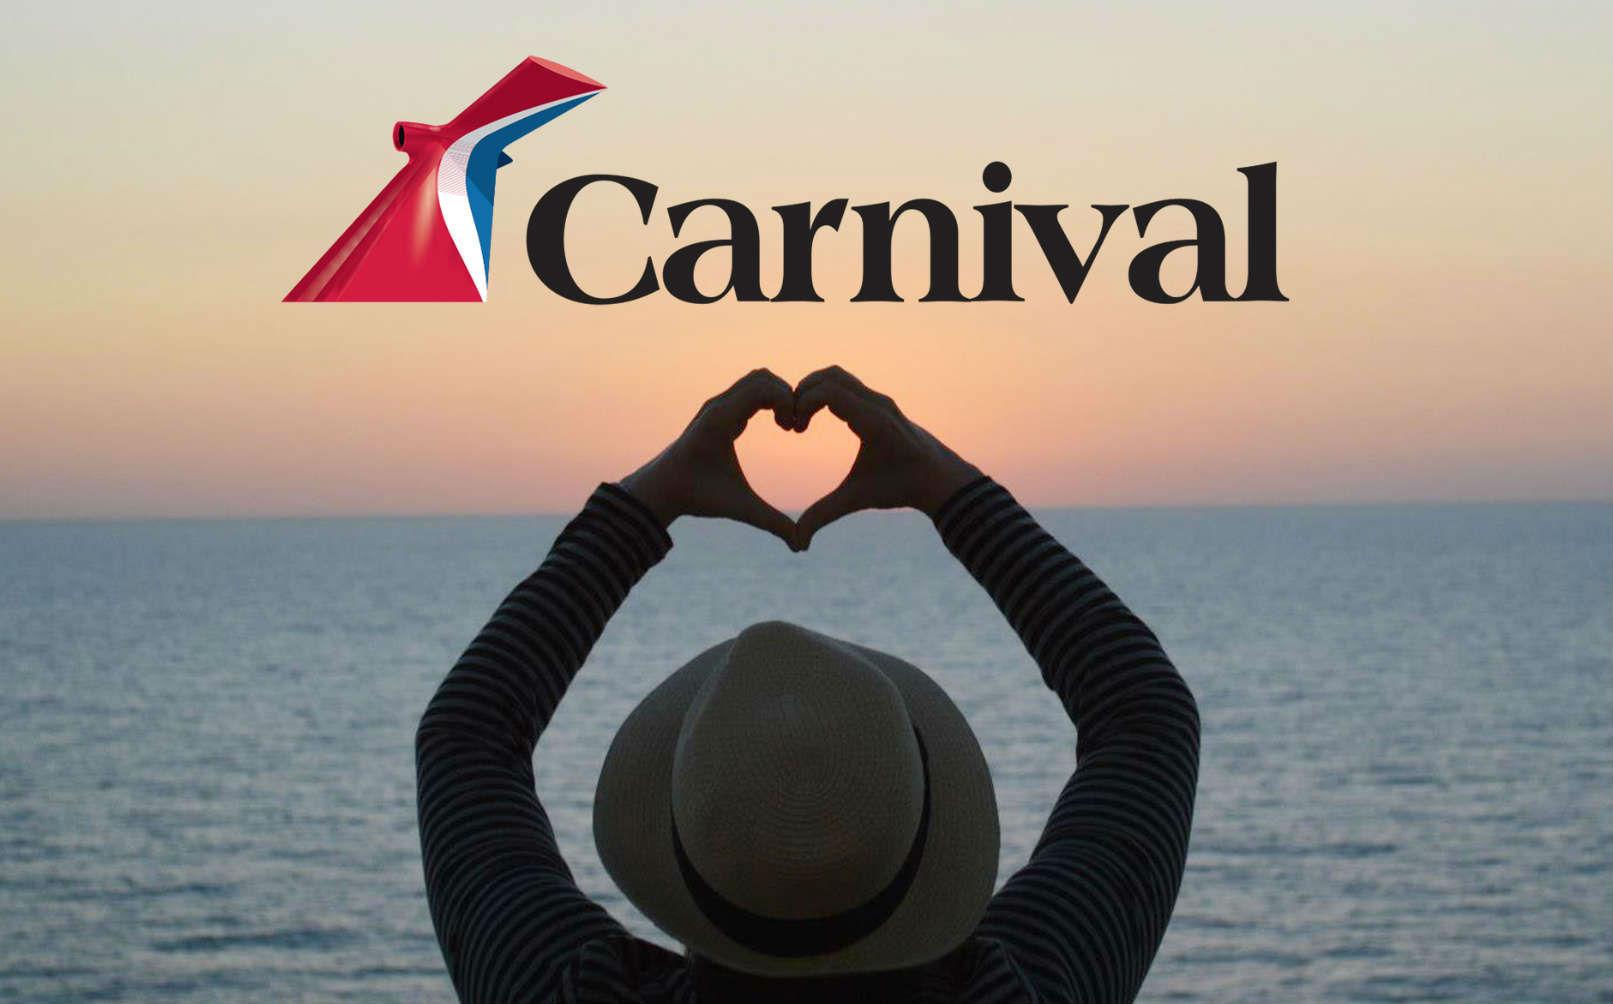 carnival 31c1002311